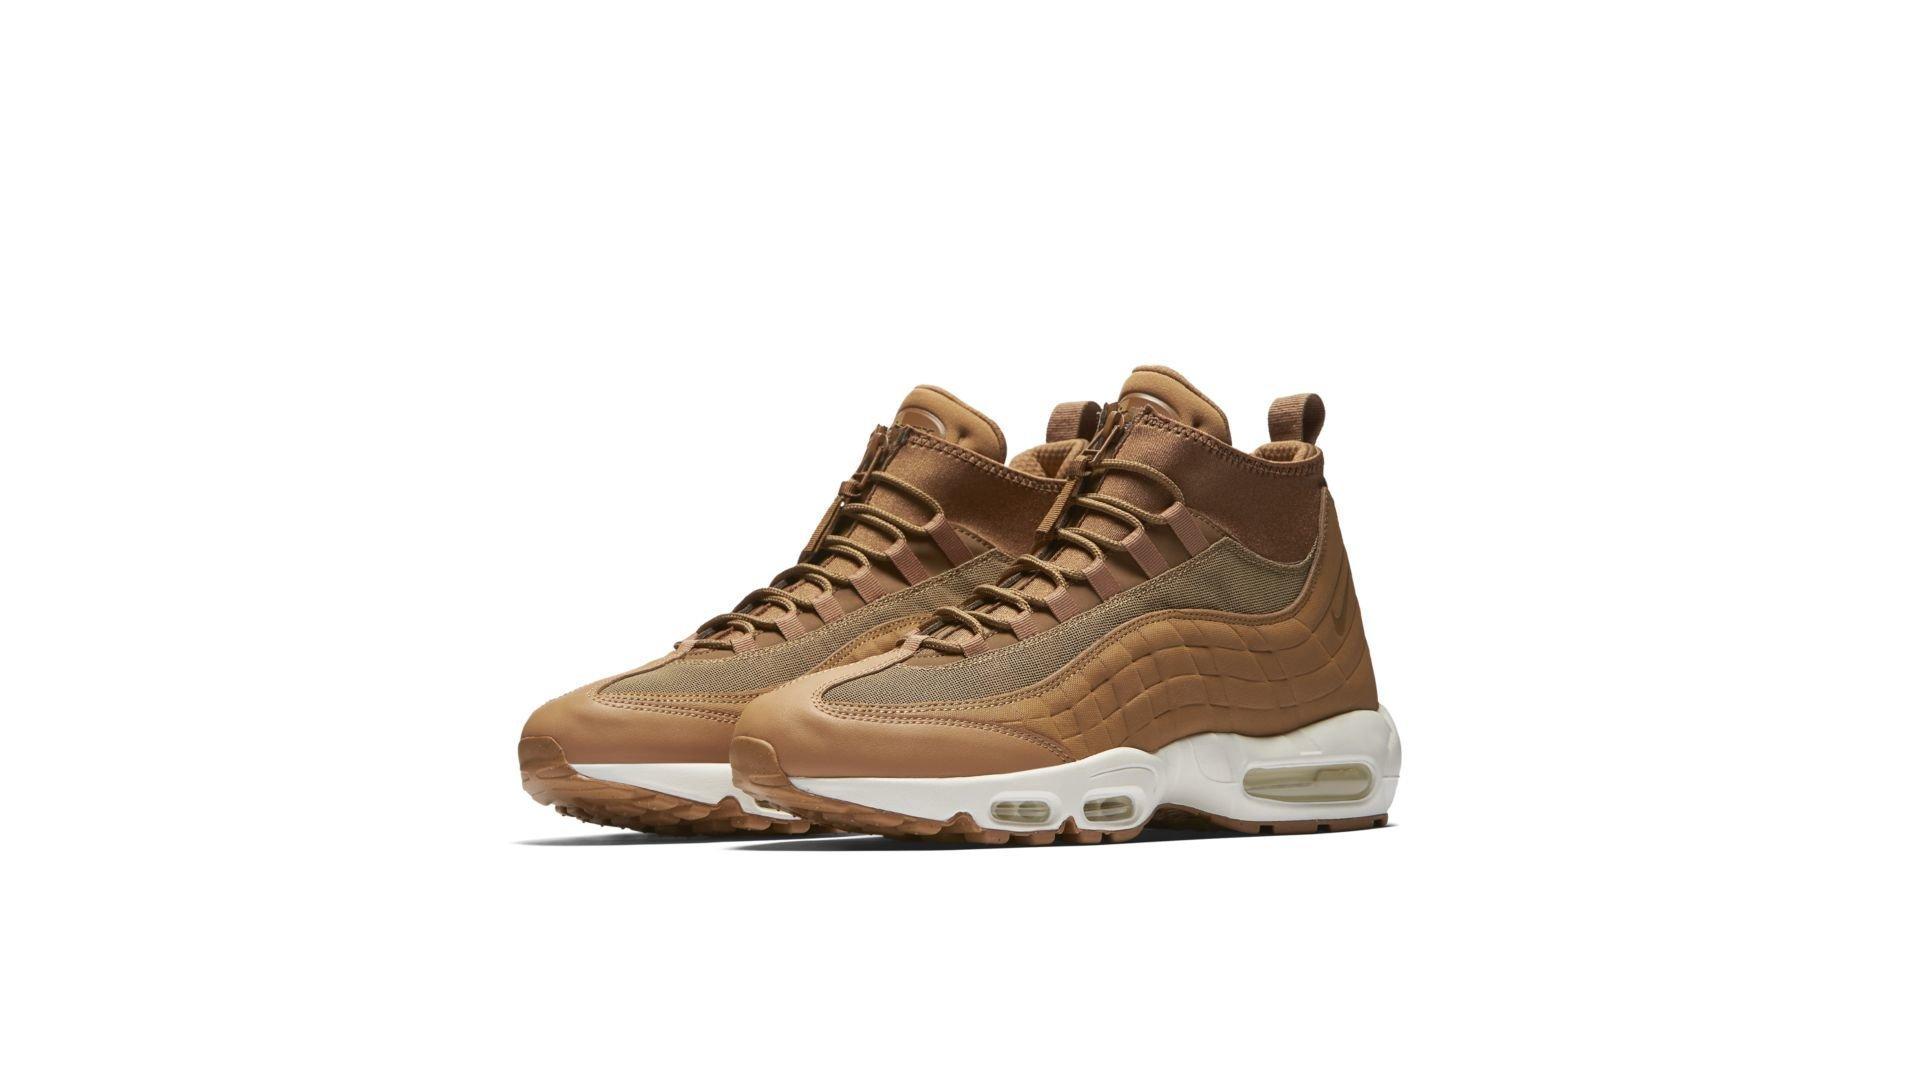 Nike Air Max 95 806809-201